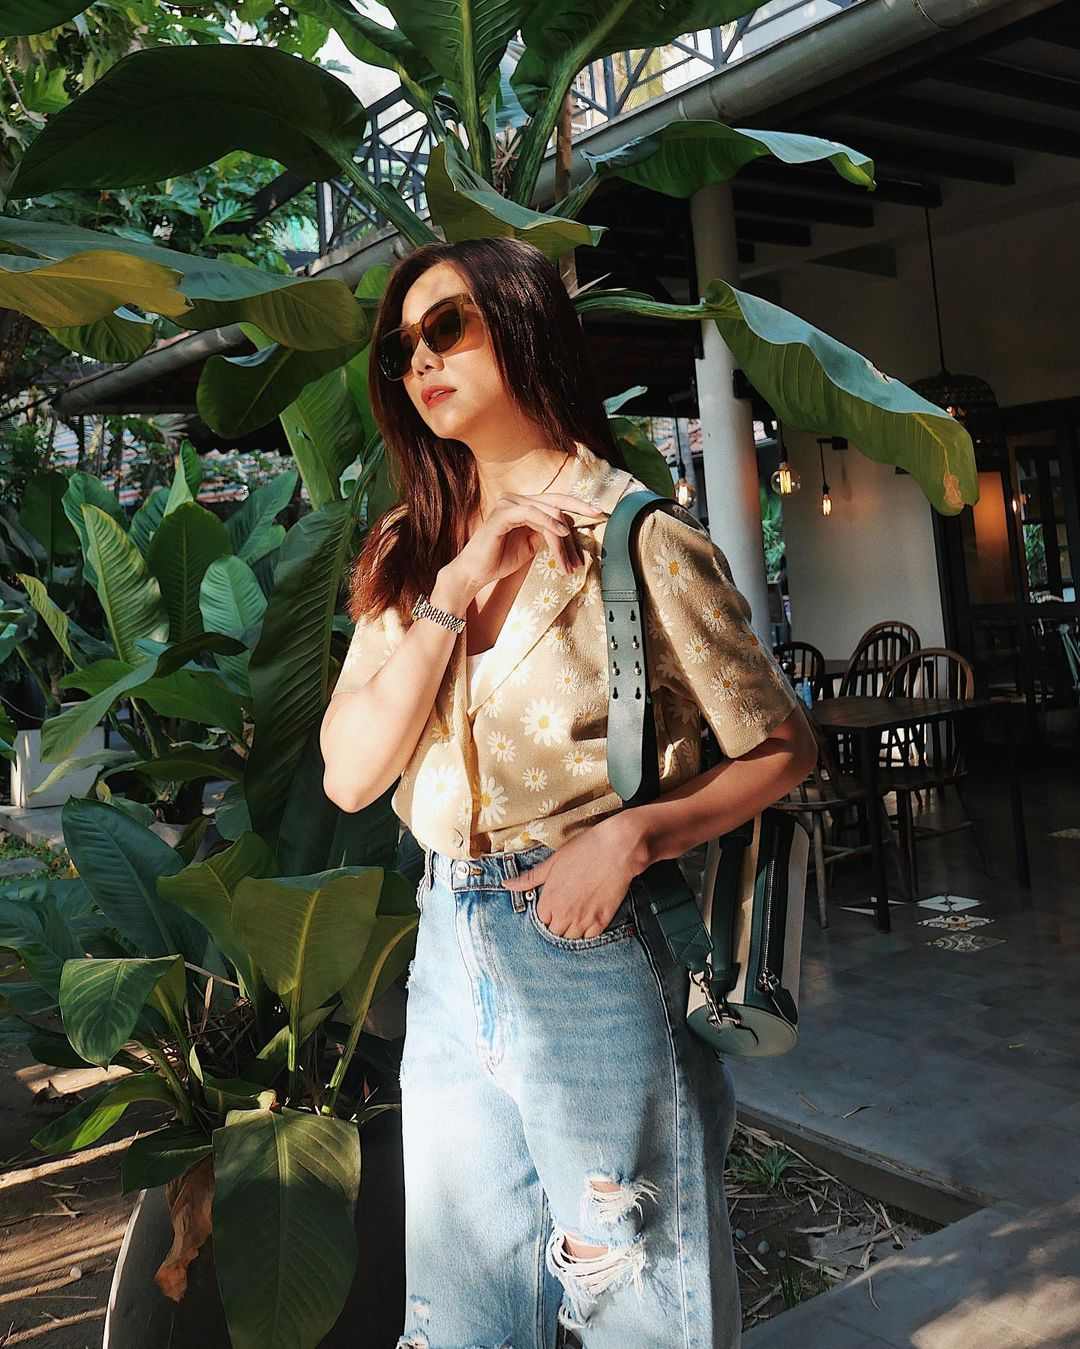 Thanh Hằng mới cập nhật một loạt outfit mùa Hè xinh ngây ngất, nàng 30  học theo thì đảm bảo trẻ trung mà vẫn thanh lịch - Ảnh 7.